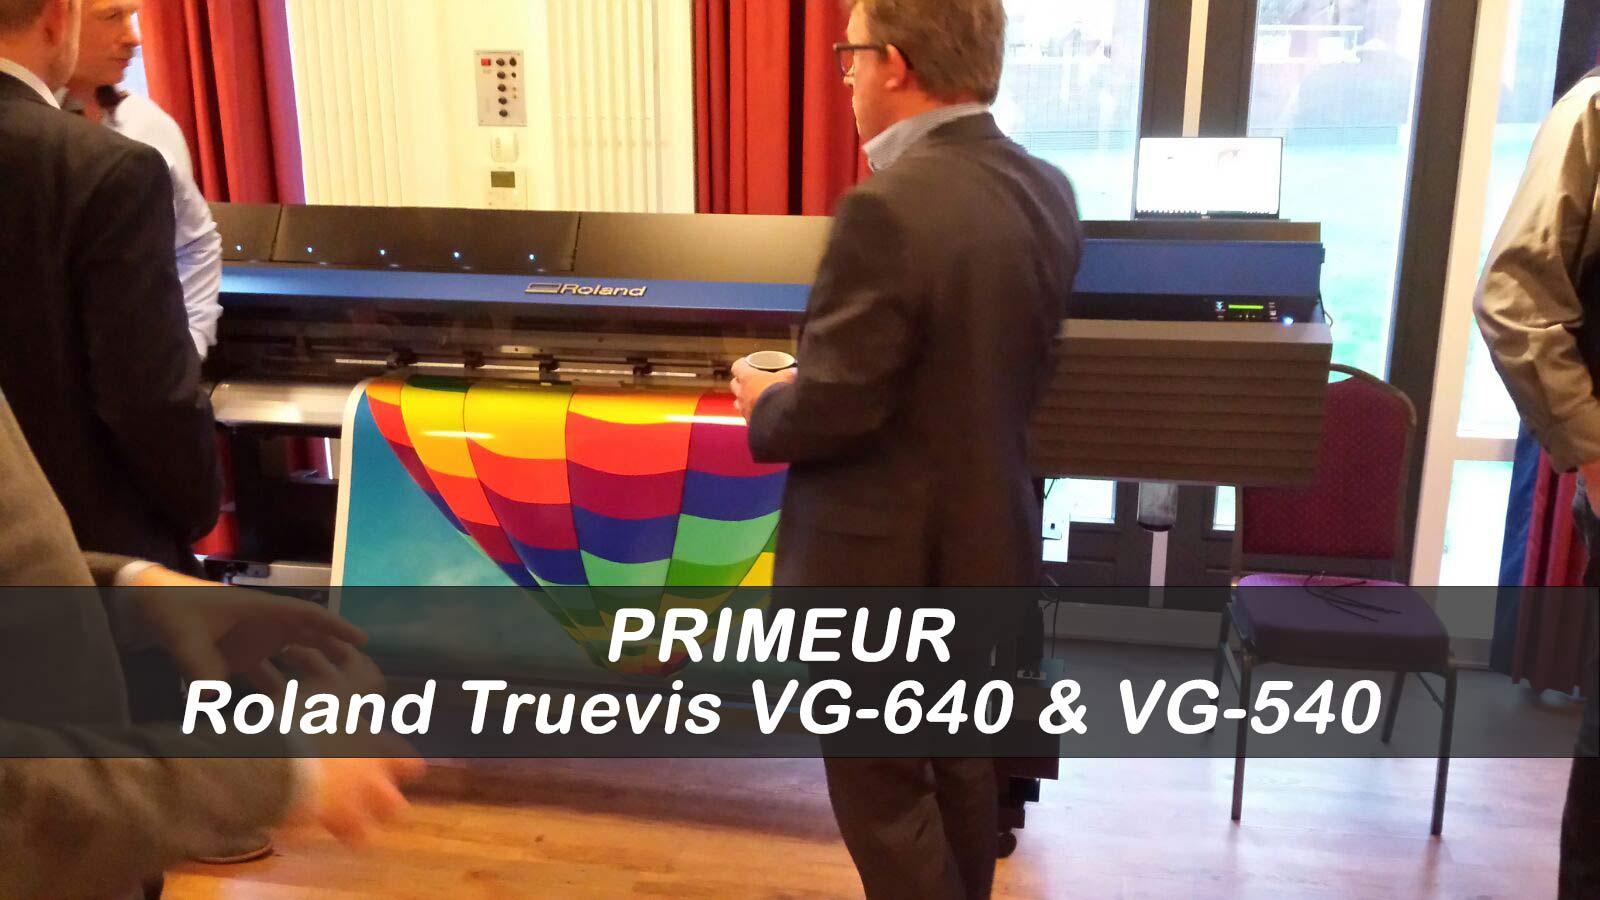 Roland_Truevis_VG-540_en_VG-640